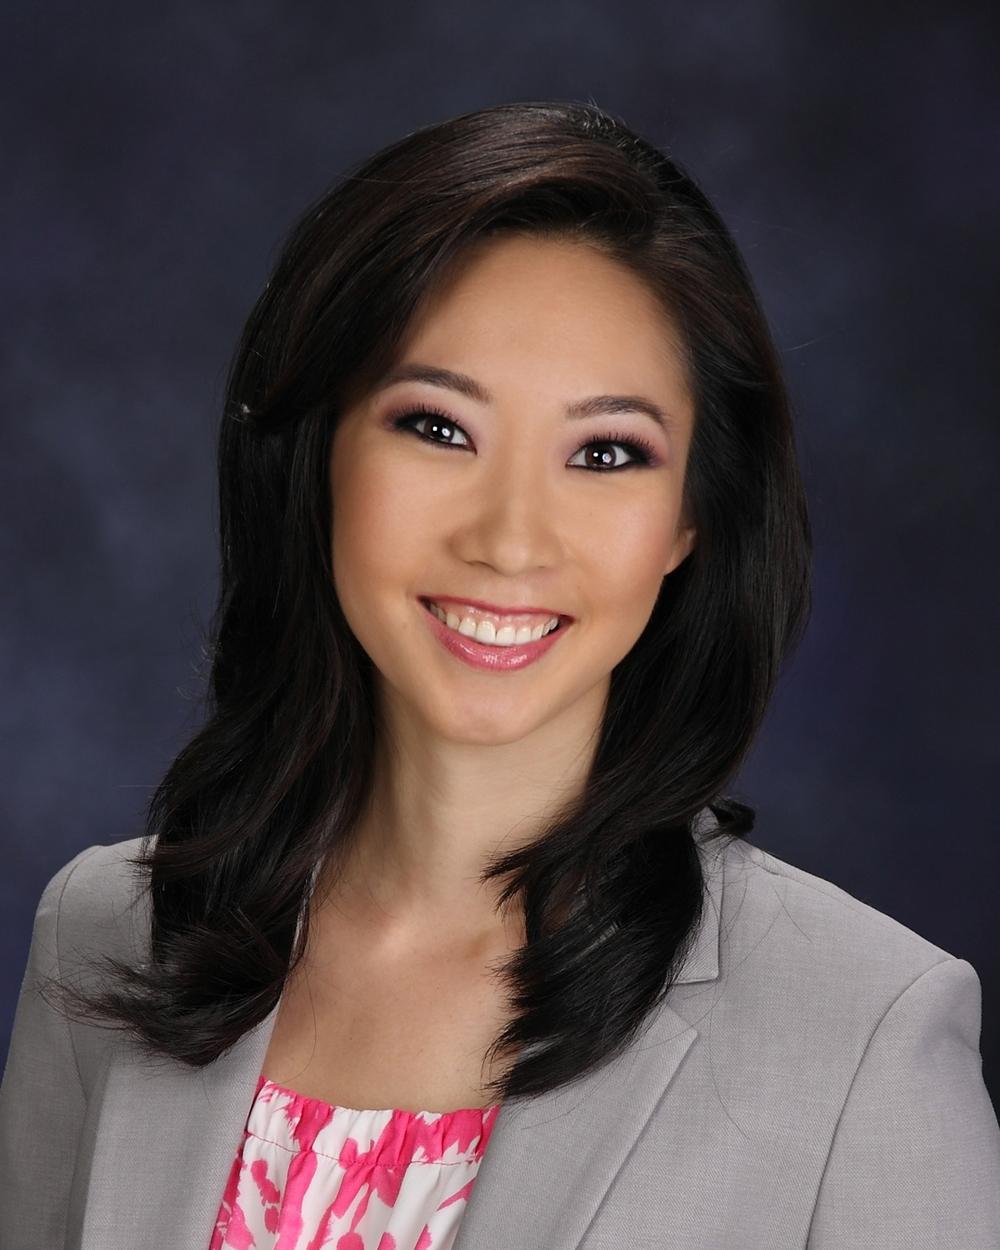 Kimberly Takata